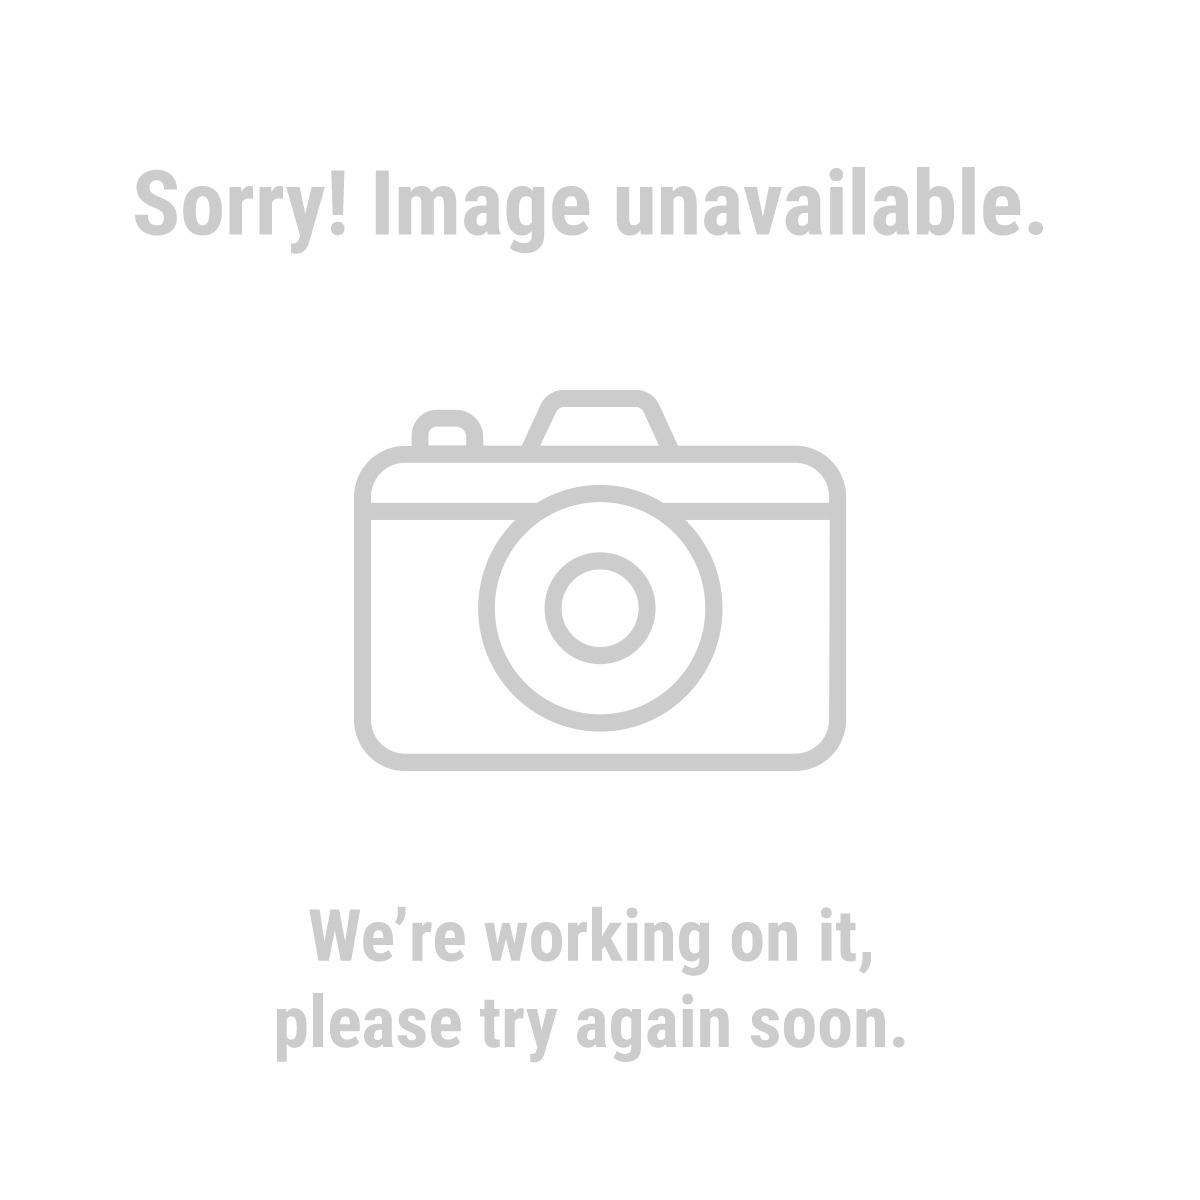 Central Pneumatic 61871 20 lb. 70 Grit Aluminum Oxide Abrasive